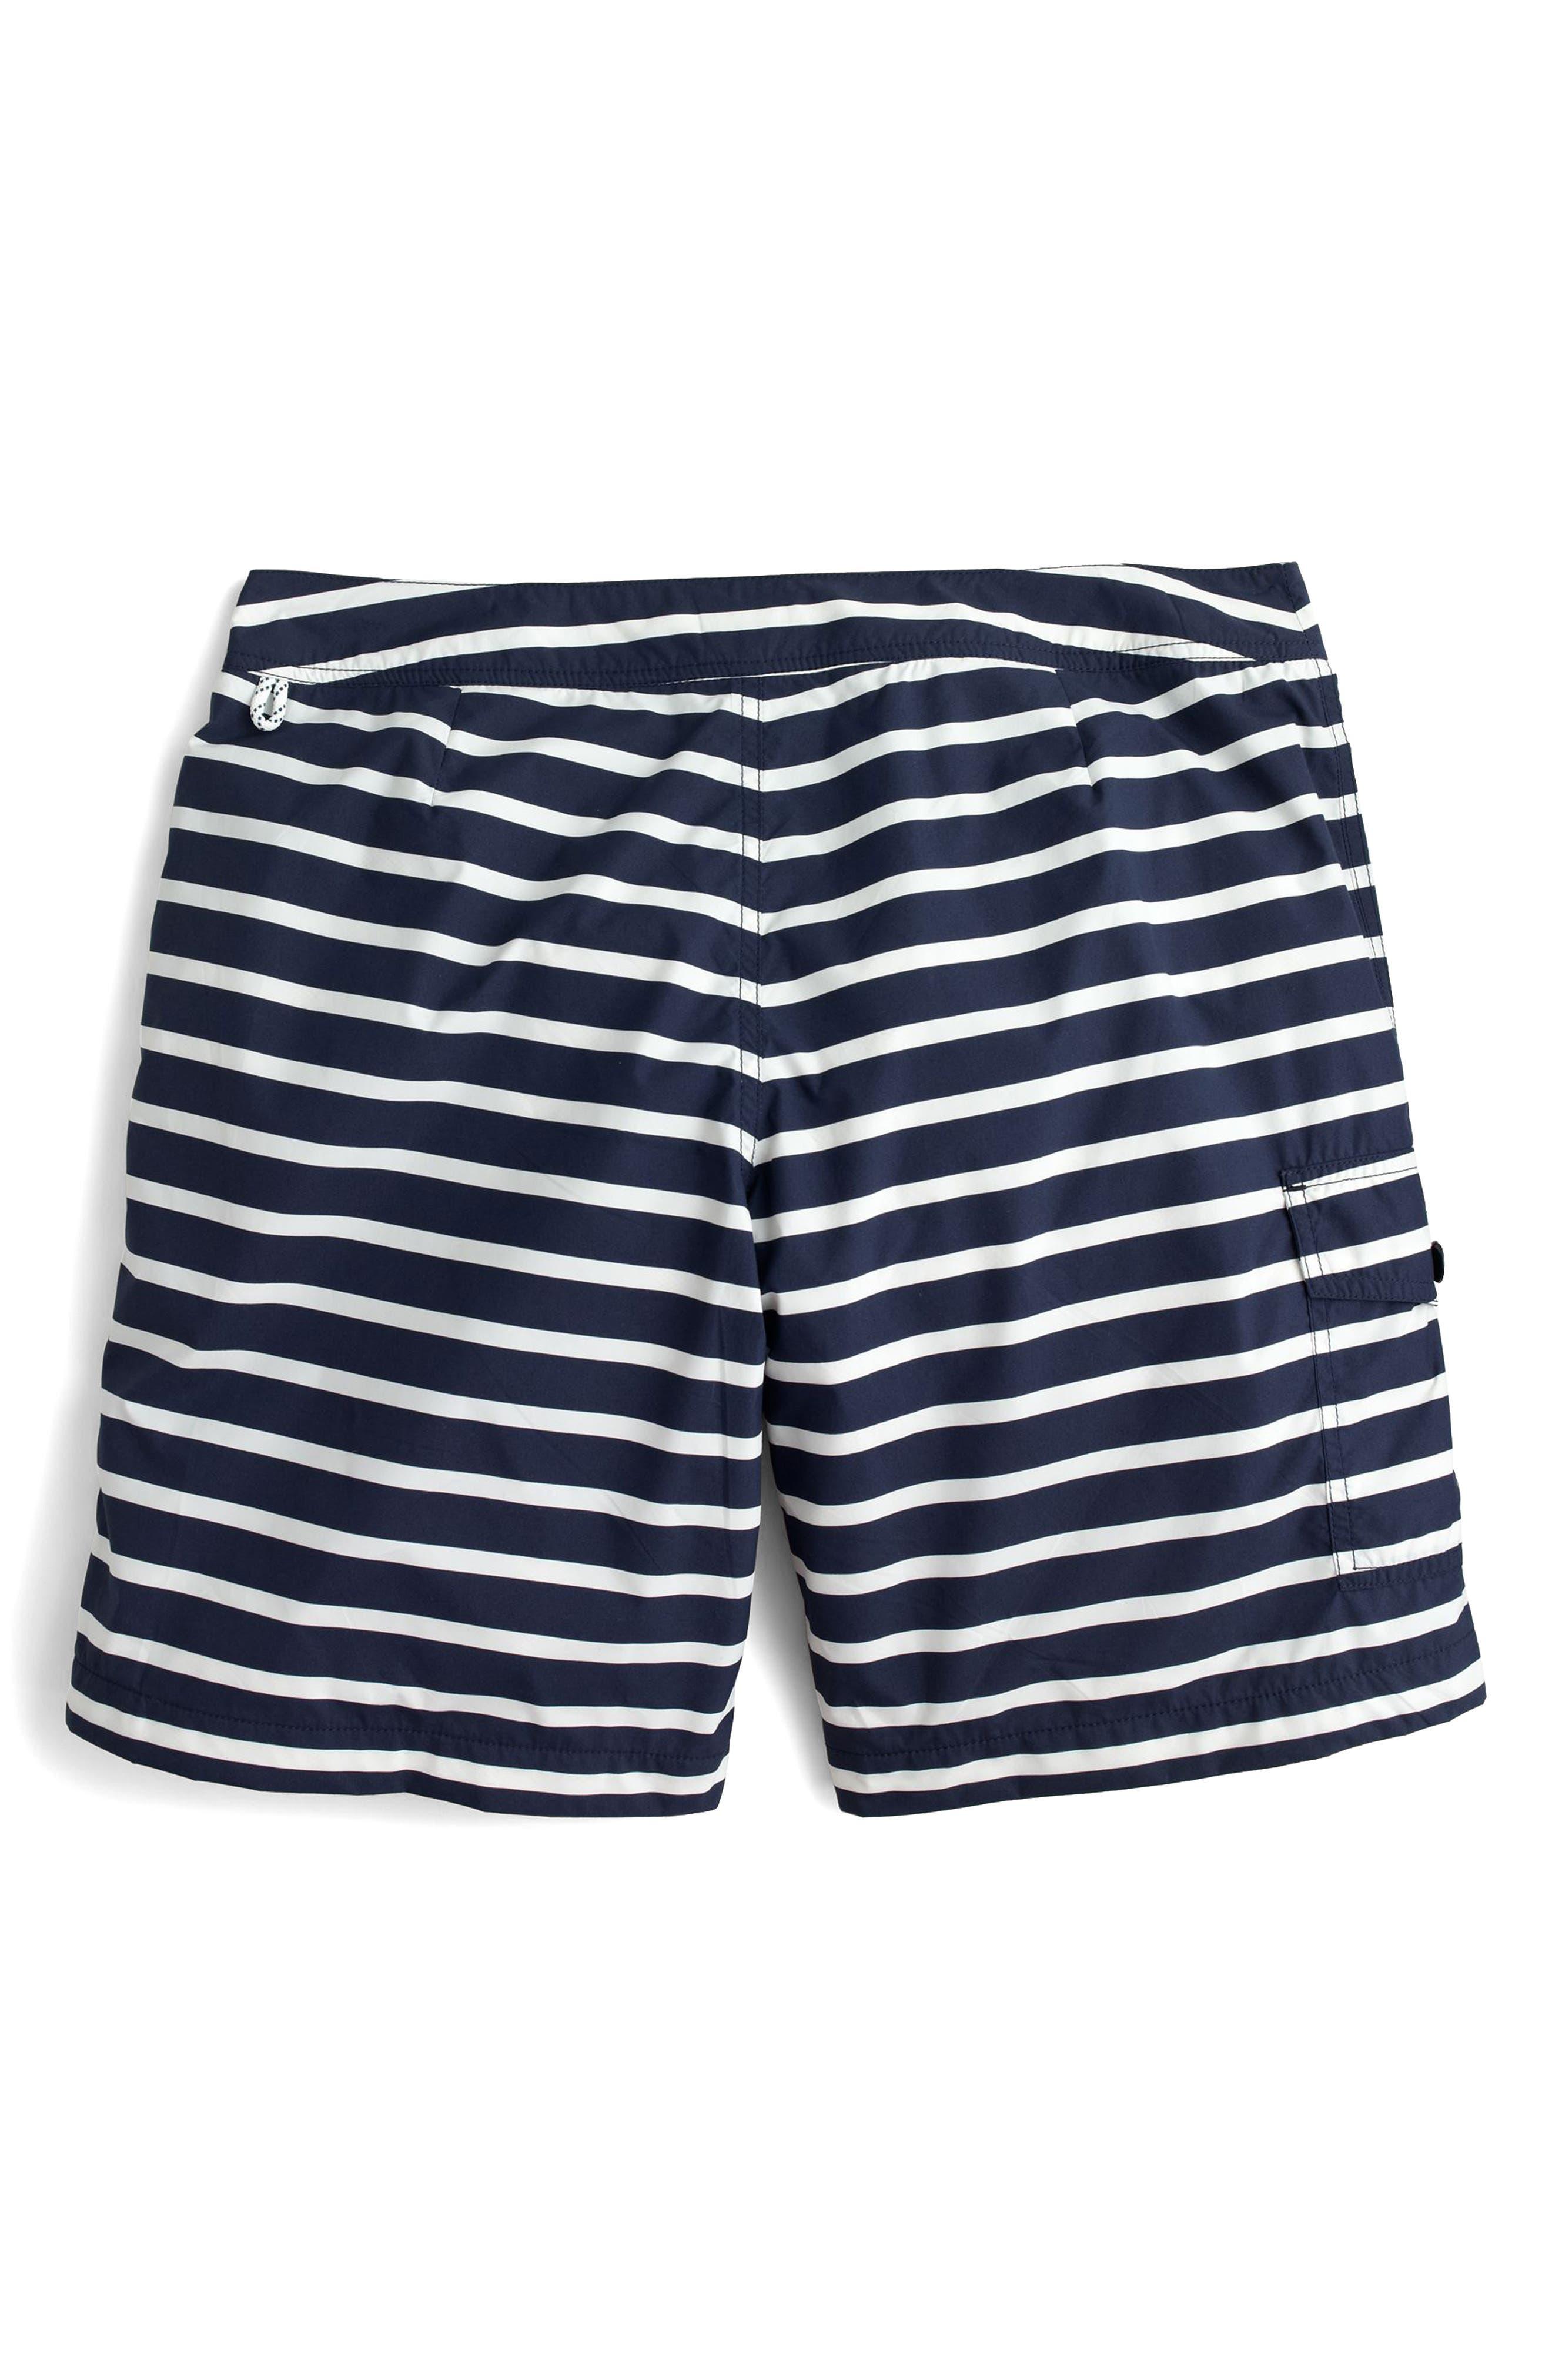 J.Crew Stripe Swim Trunks,                             Alternate thumbnail 5, color,                             Navy White